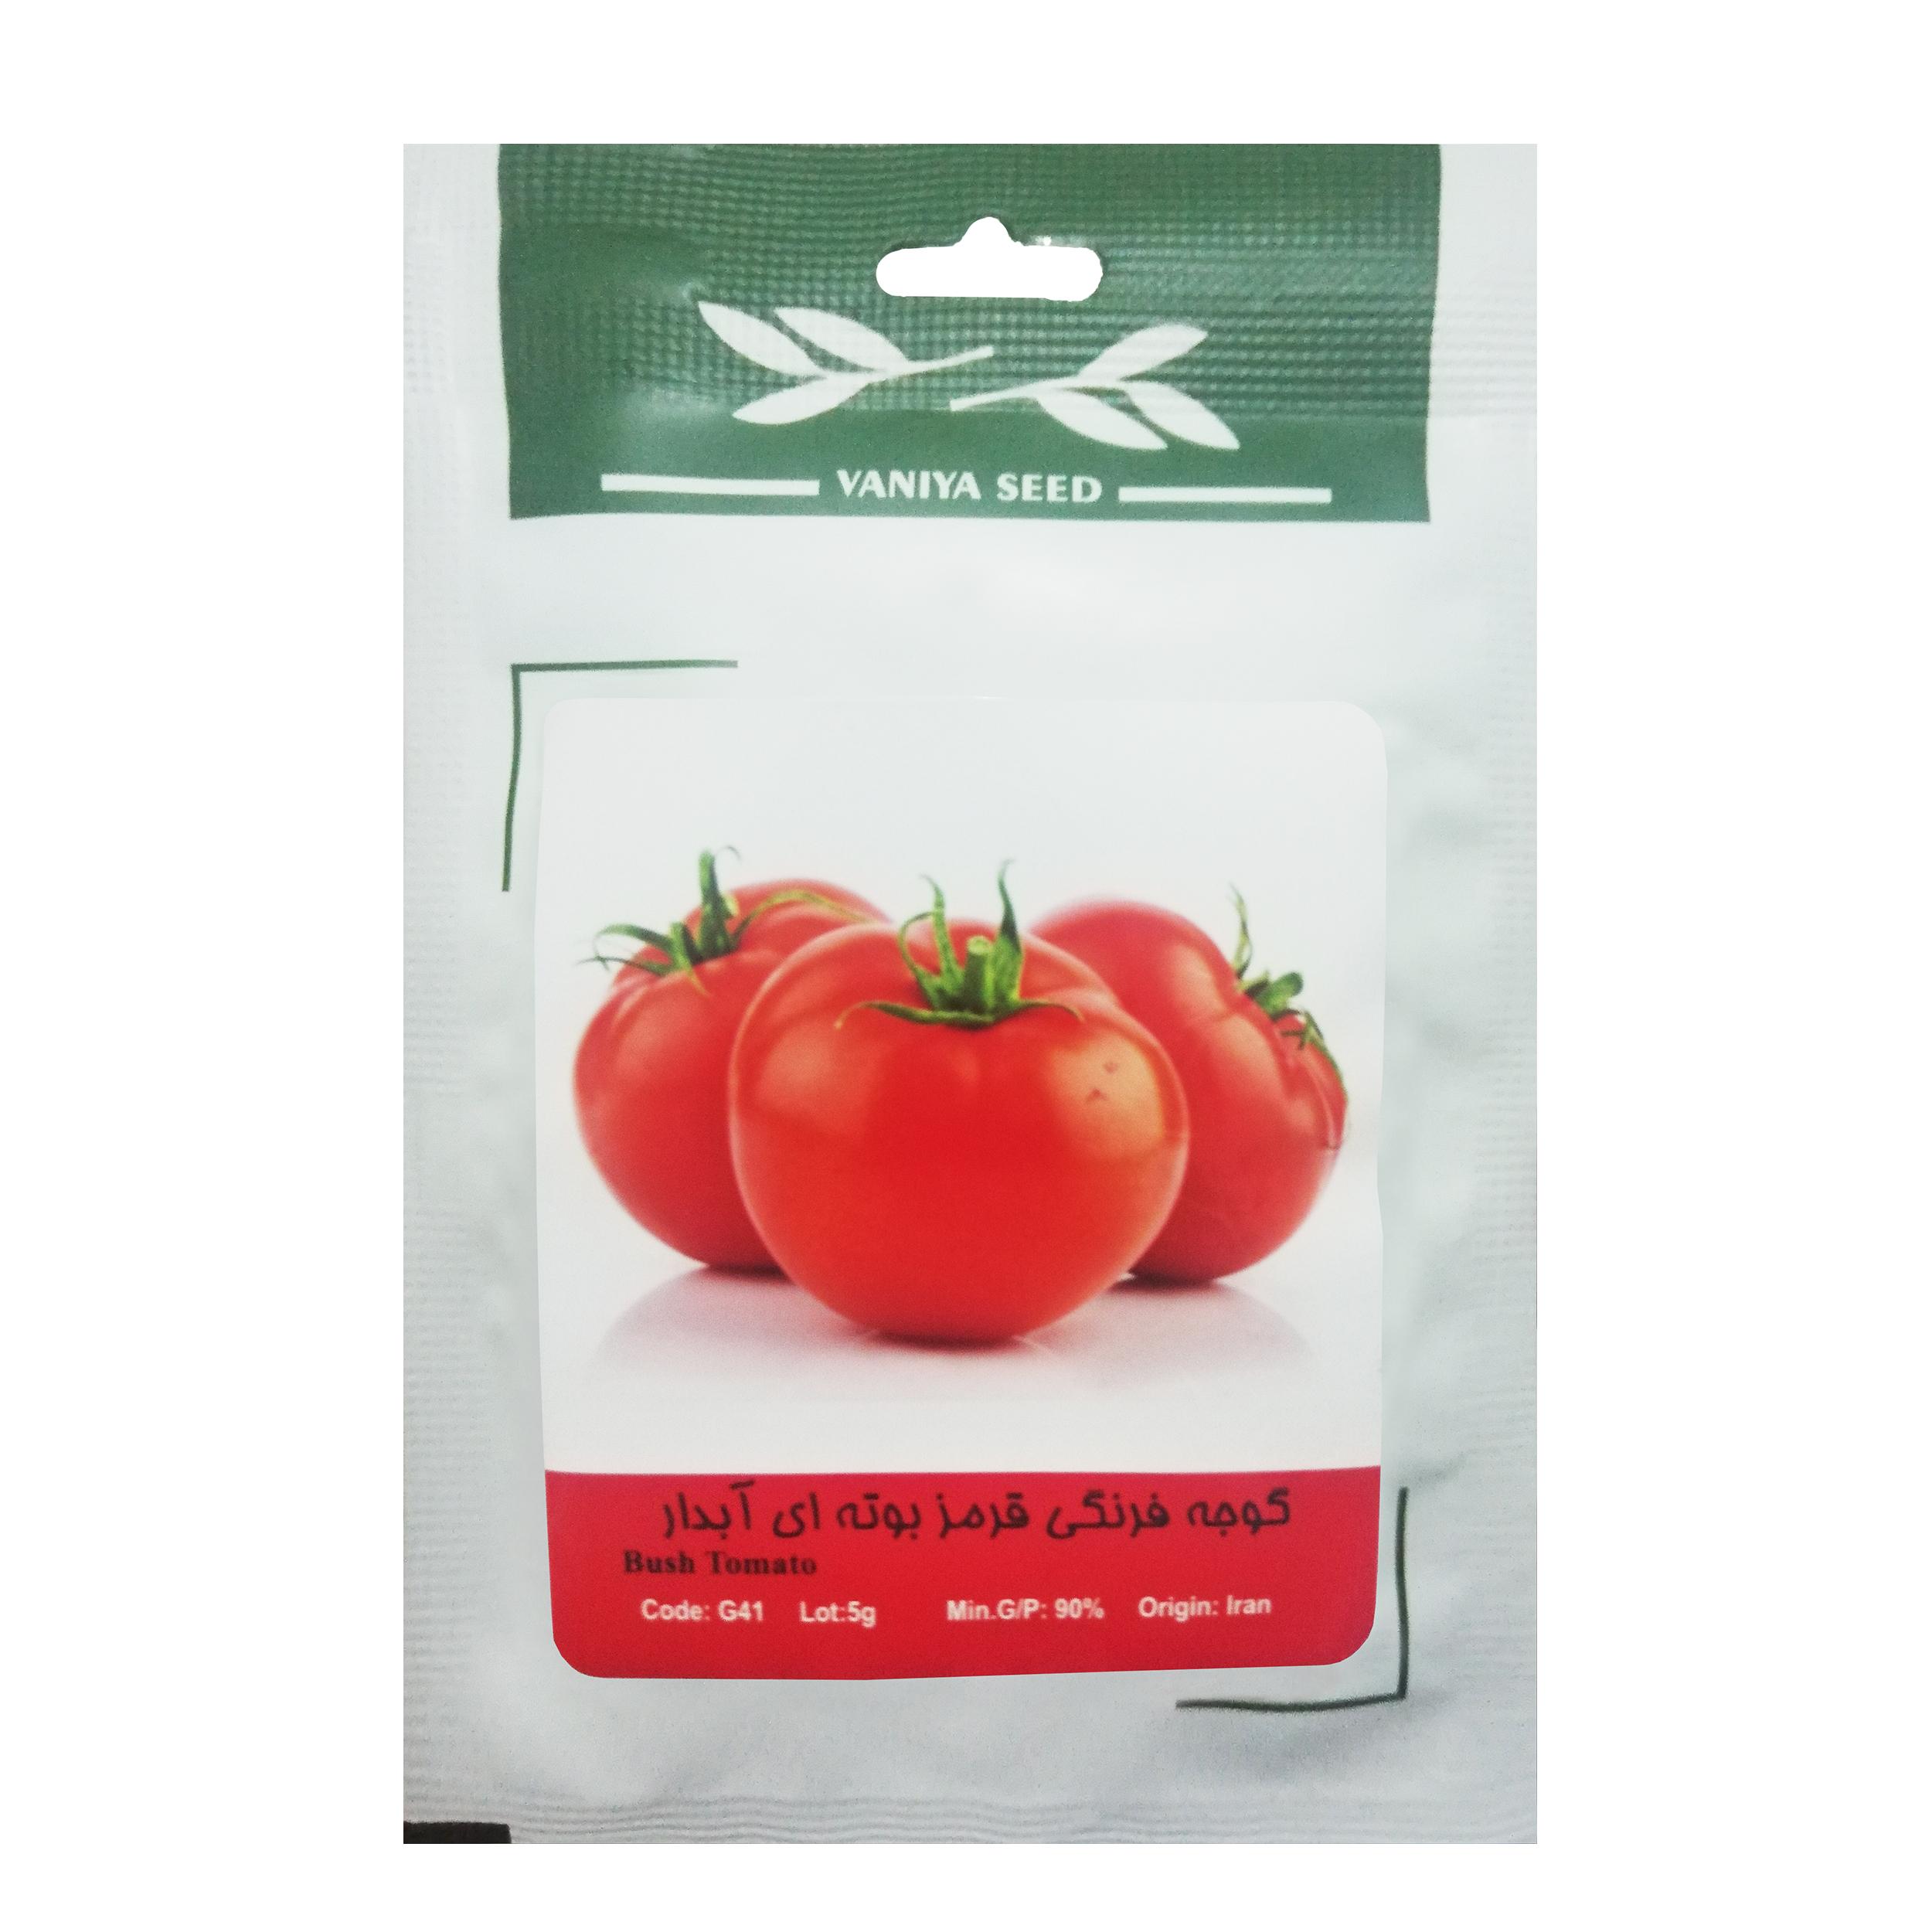 بذر گوجه فرنگی قرمز بوته ای آبدار وانیا سید مدل G41